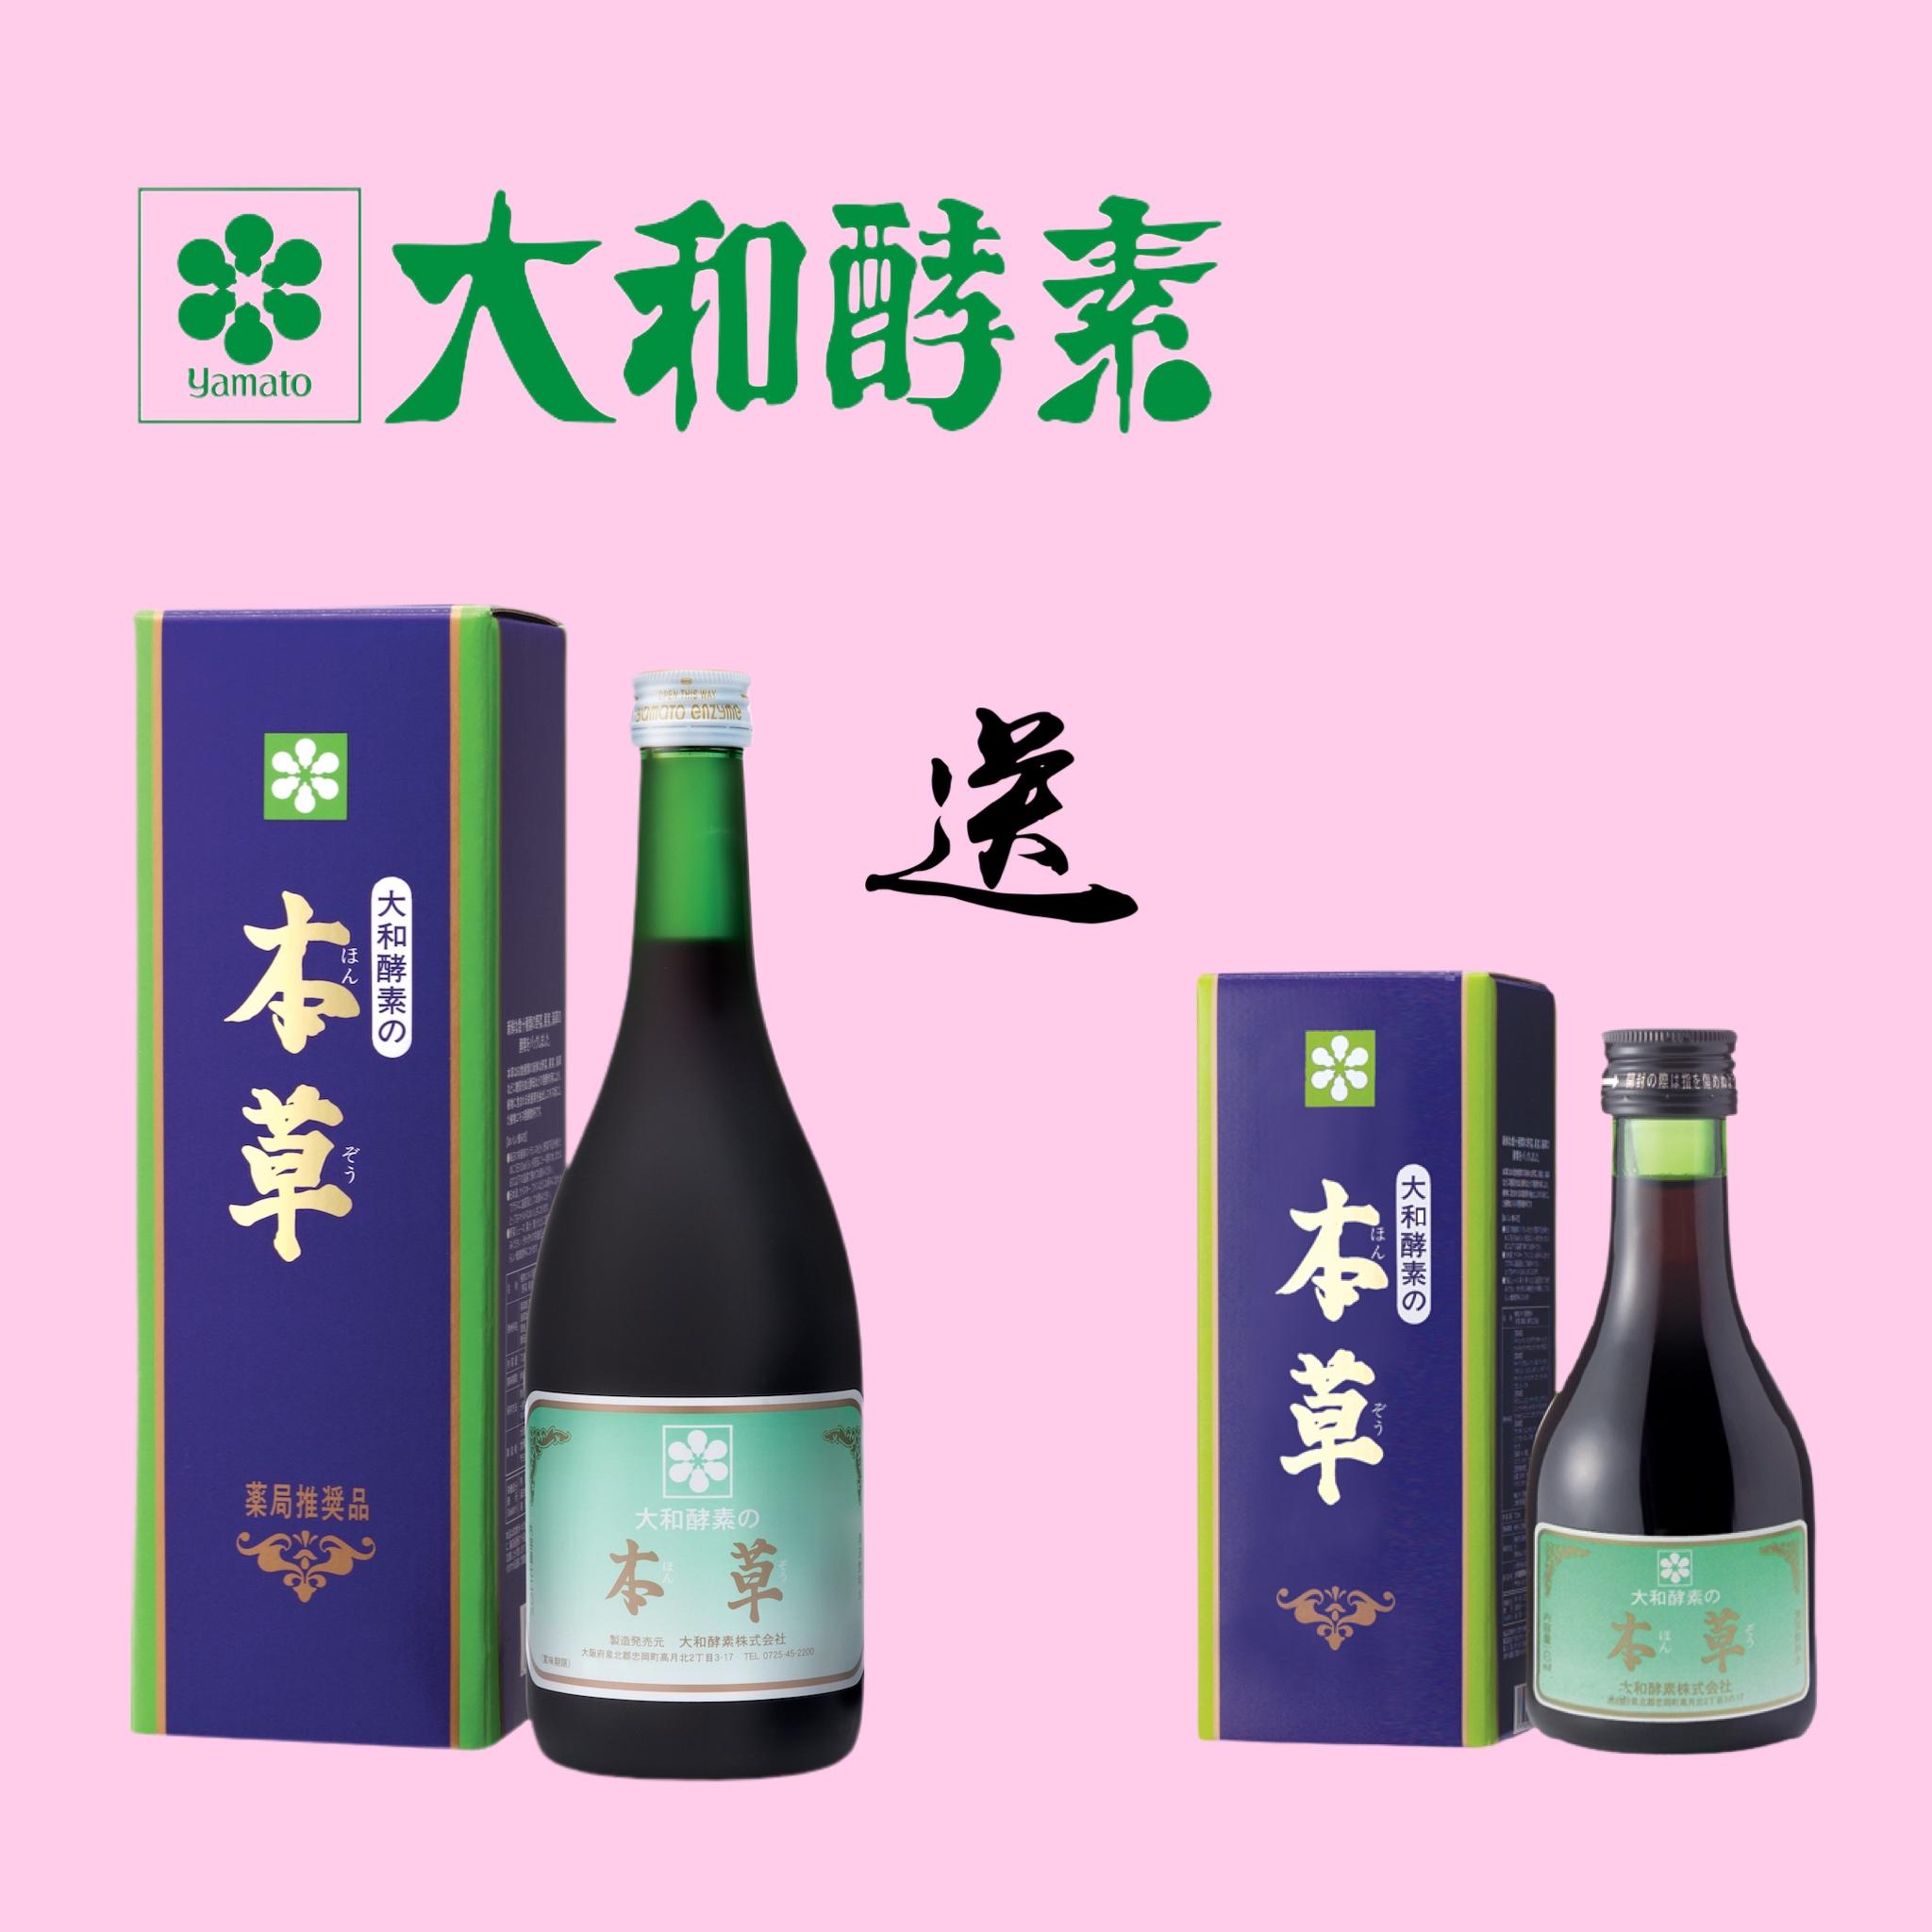 大和酵素 本草酵素母親節活動【富山】買720ml送180ml